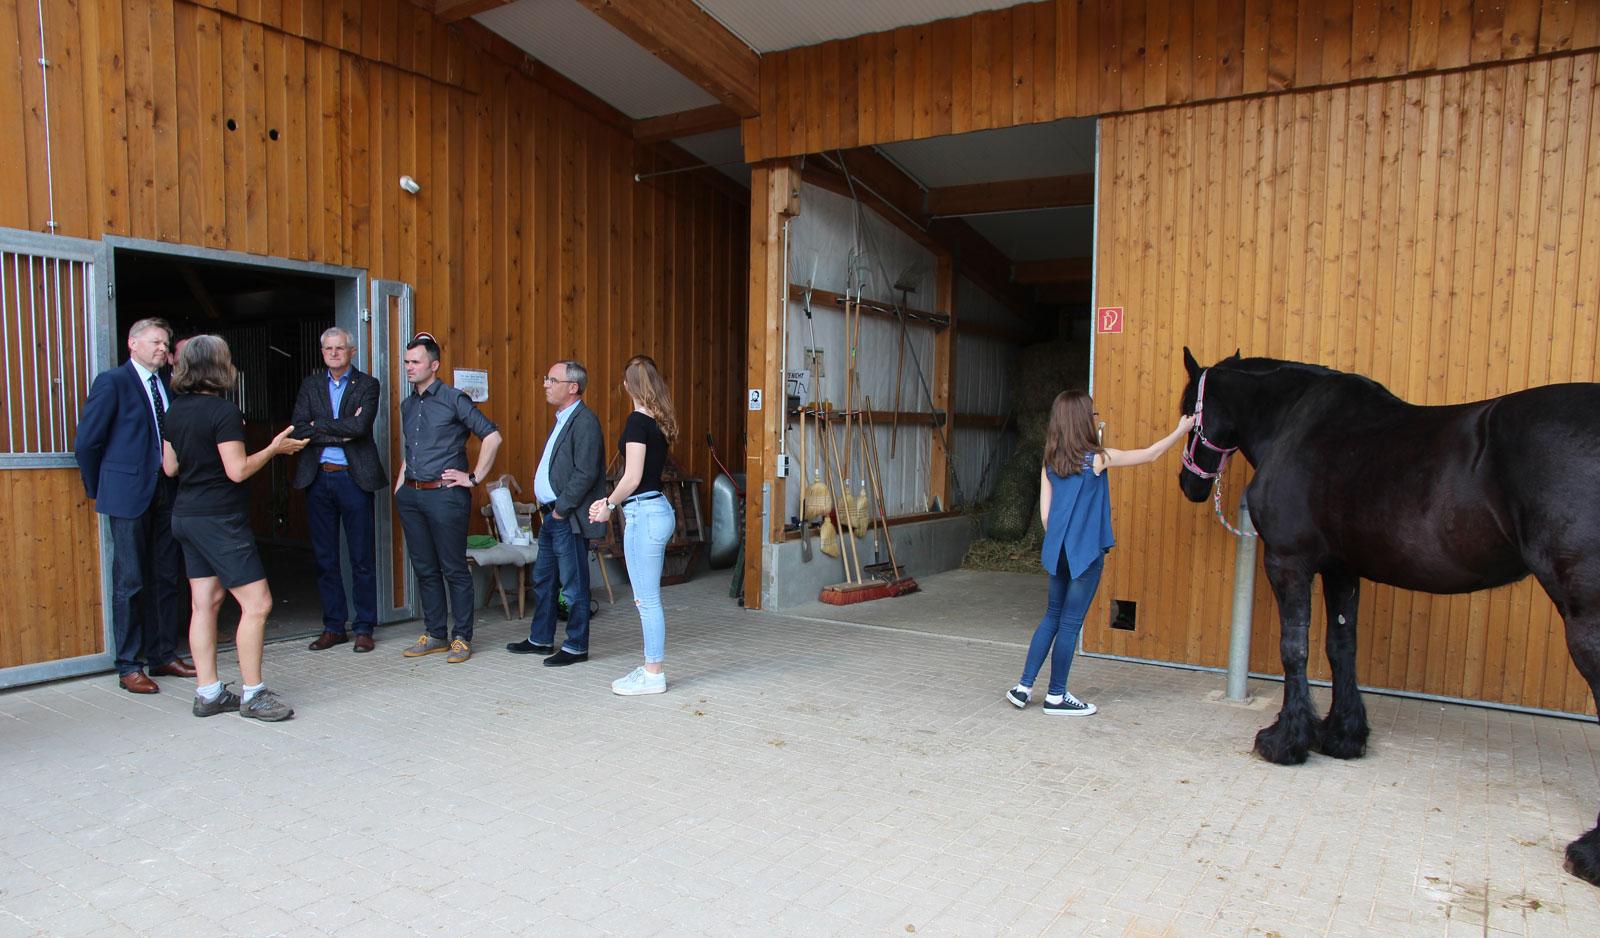 Lions Hersbruck besichtigten nach Spendenübergabe Reittherapiezentrum in Schönberg.